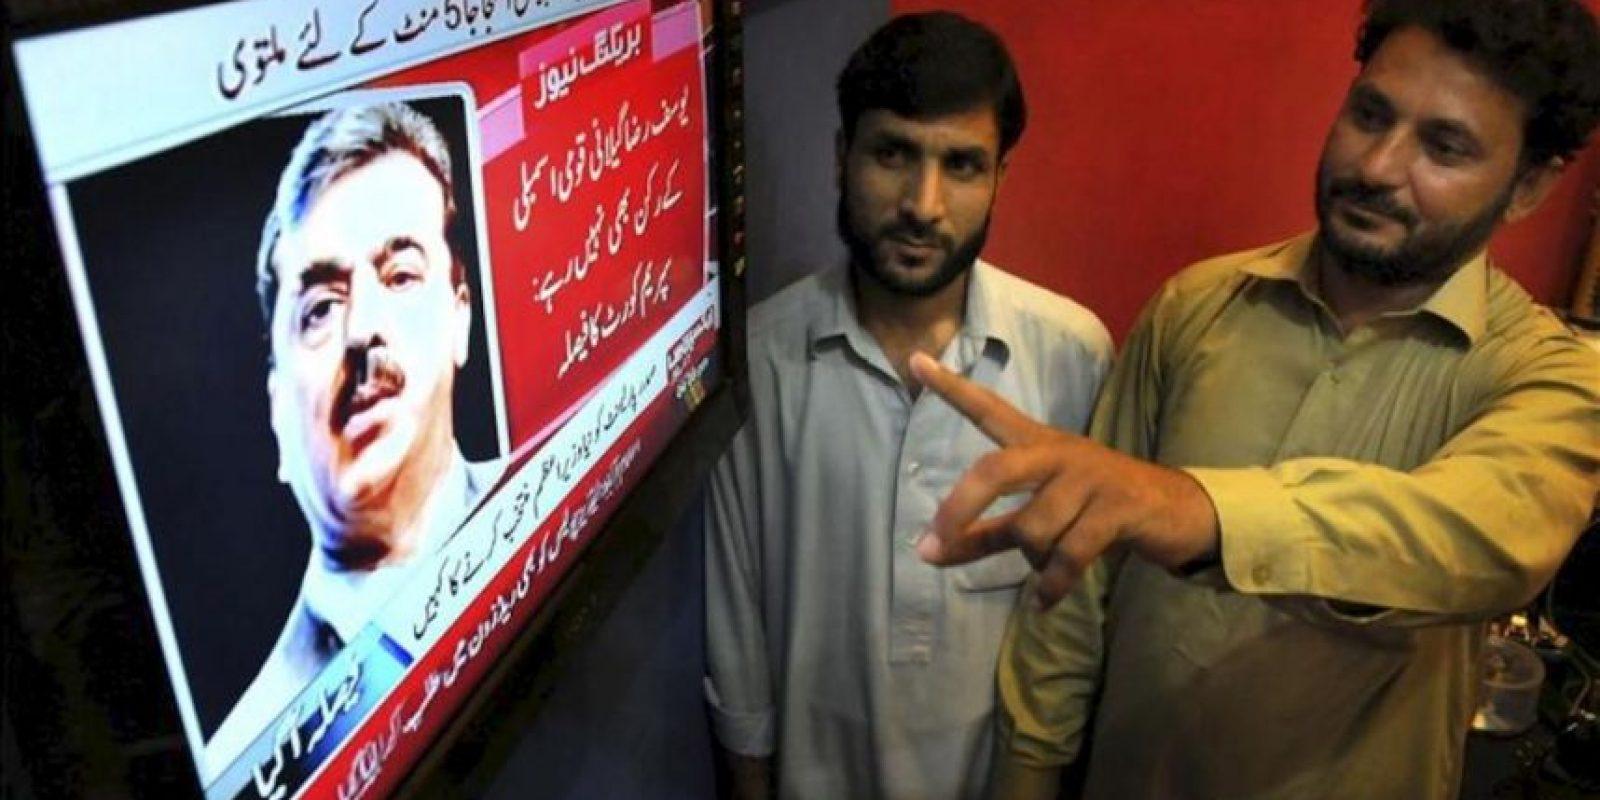 Paquistaníes siguen por televisión la decisión del Tribunal Supremo (TS) de Pakistán de ordenar a la Comisión Electoral del país que inhabilite al primer ministro paquistaní, Yusuf Razá Guilani (en la pantalla). EFE